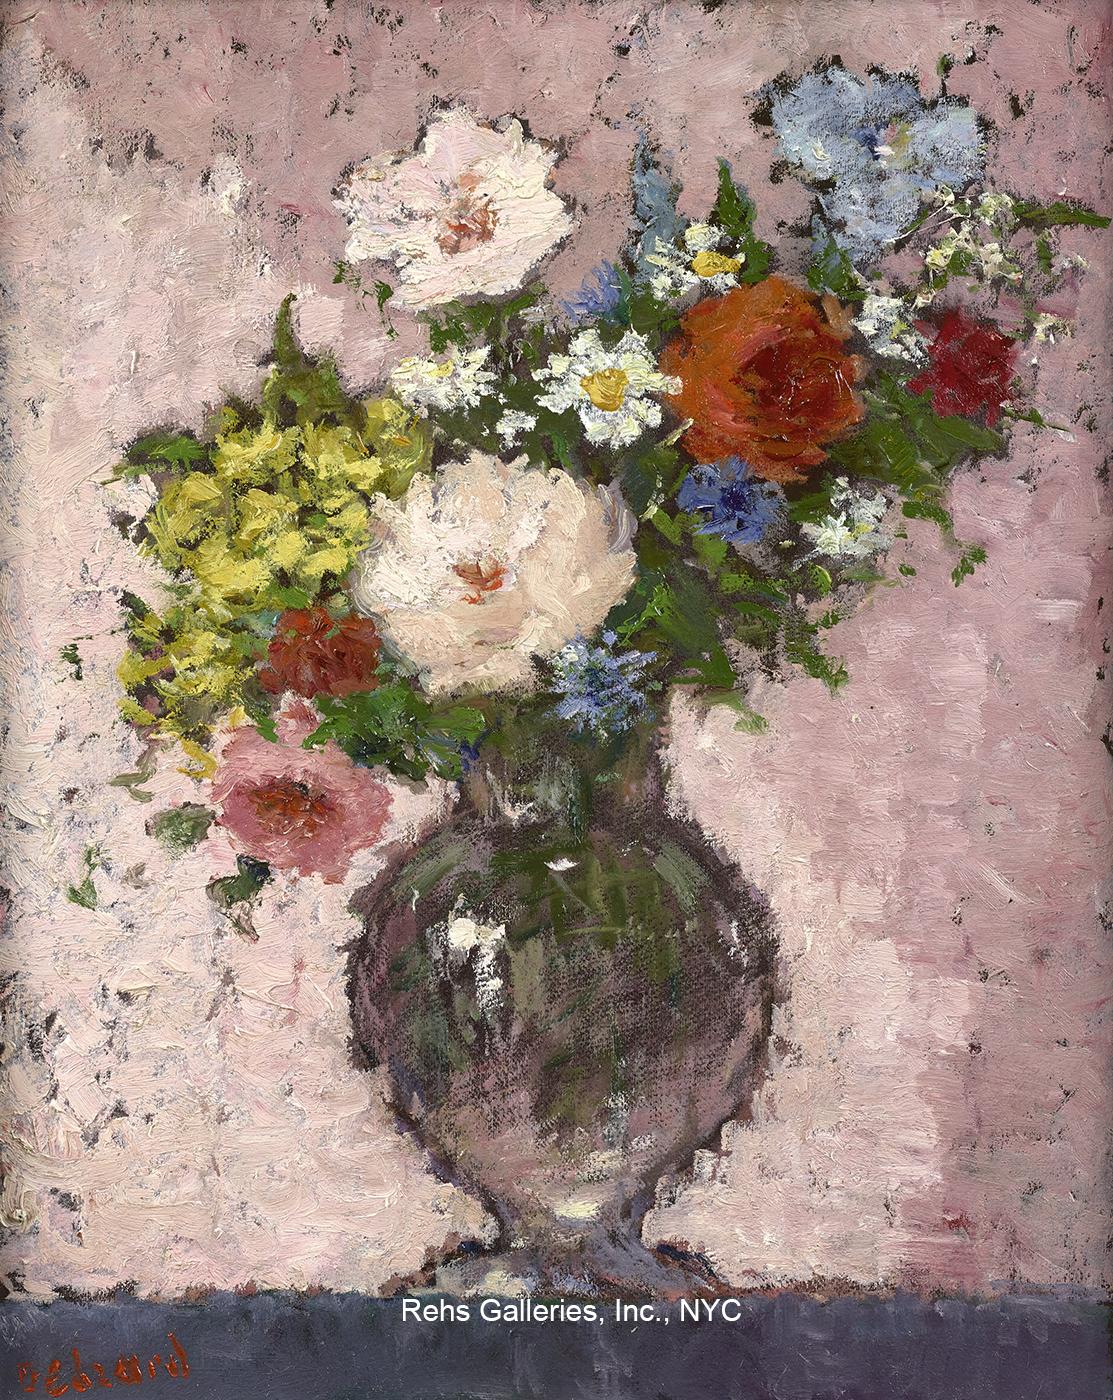 dietz_edzard_e1300_still_life_of_flowers_wm.jpg